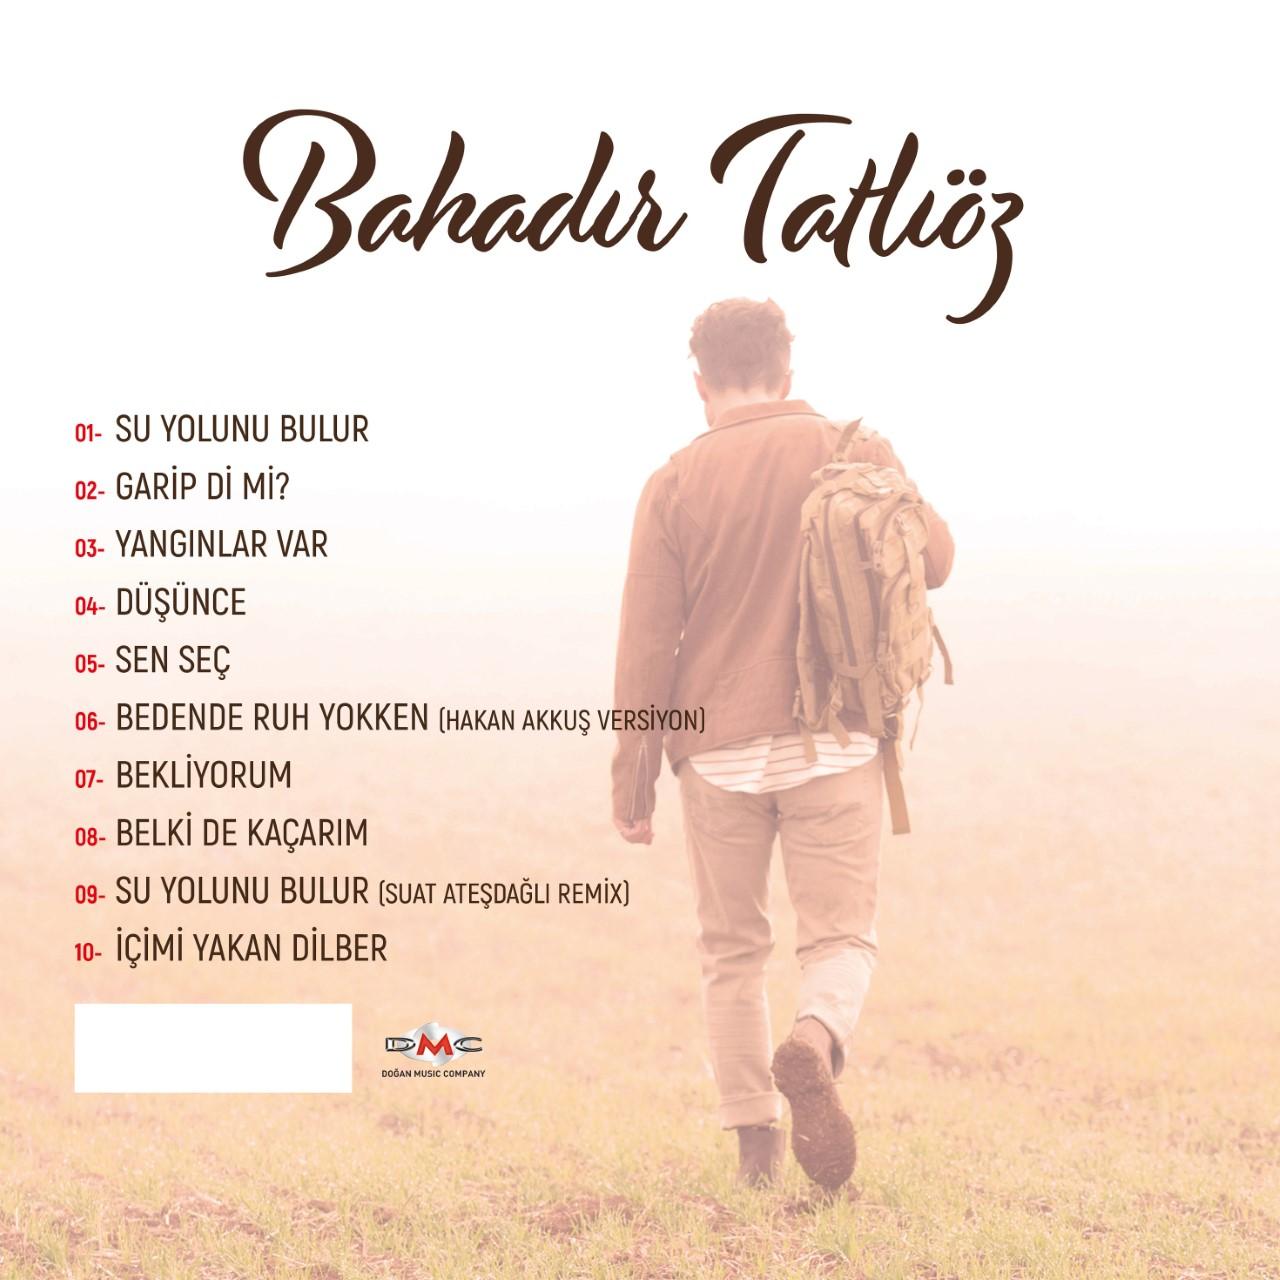 Bahadır Tatlıöz'den Beklenen Albüm Geliyor!..